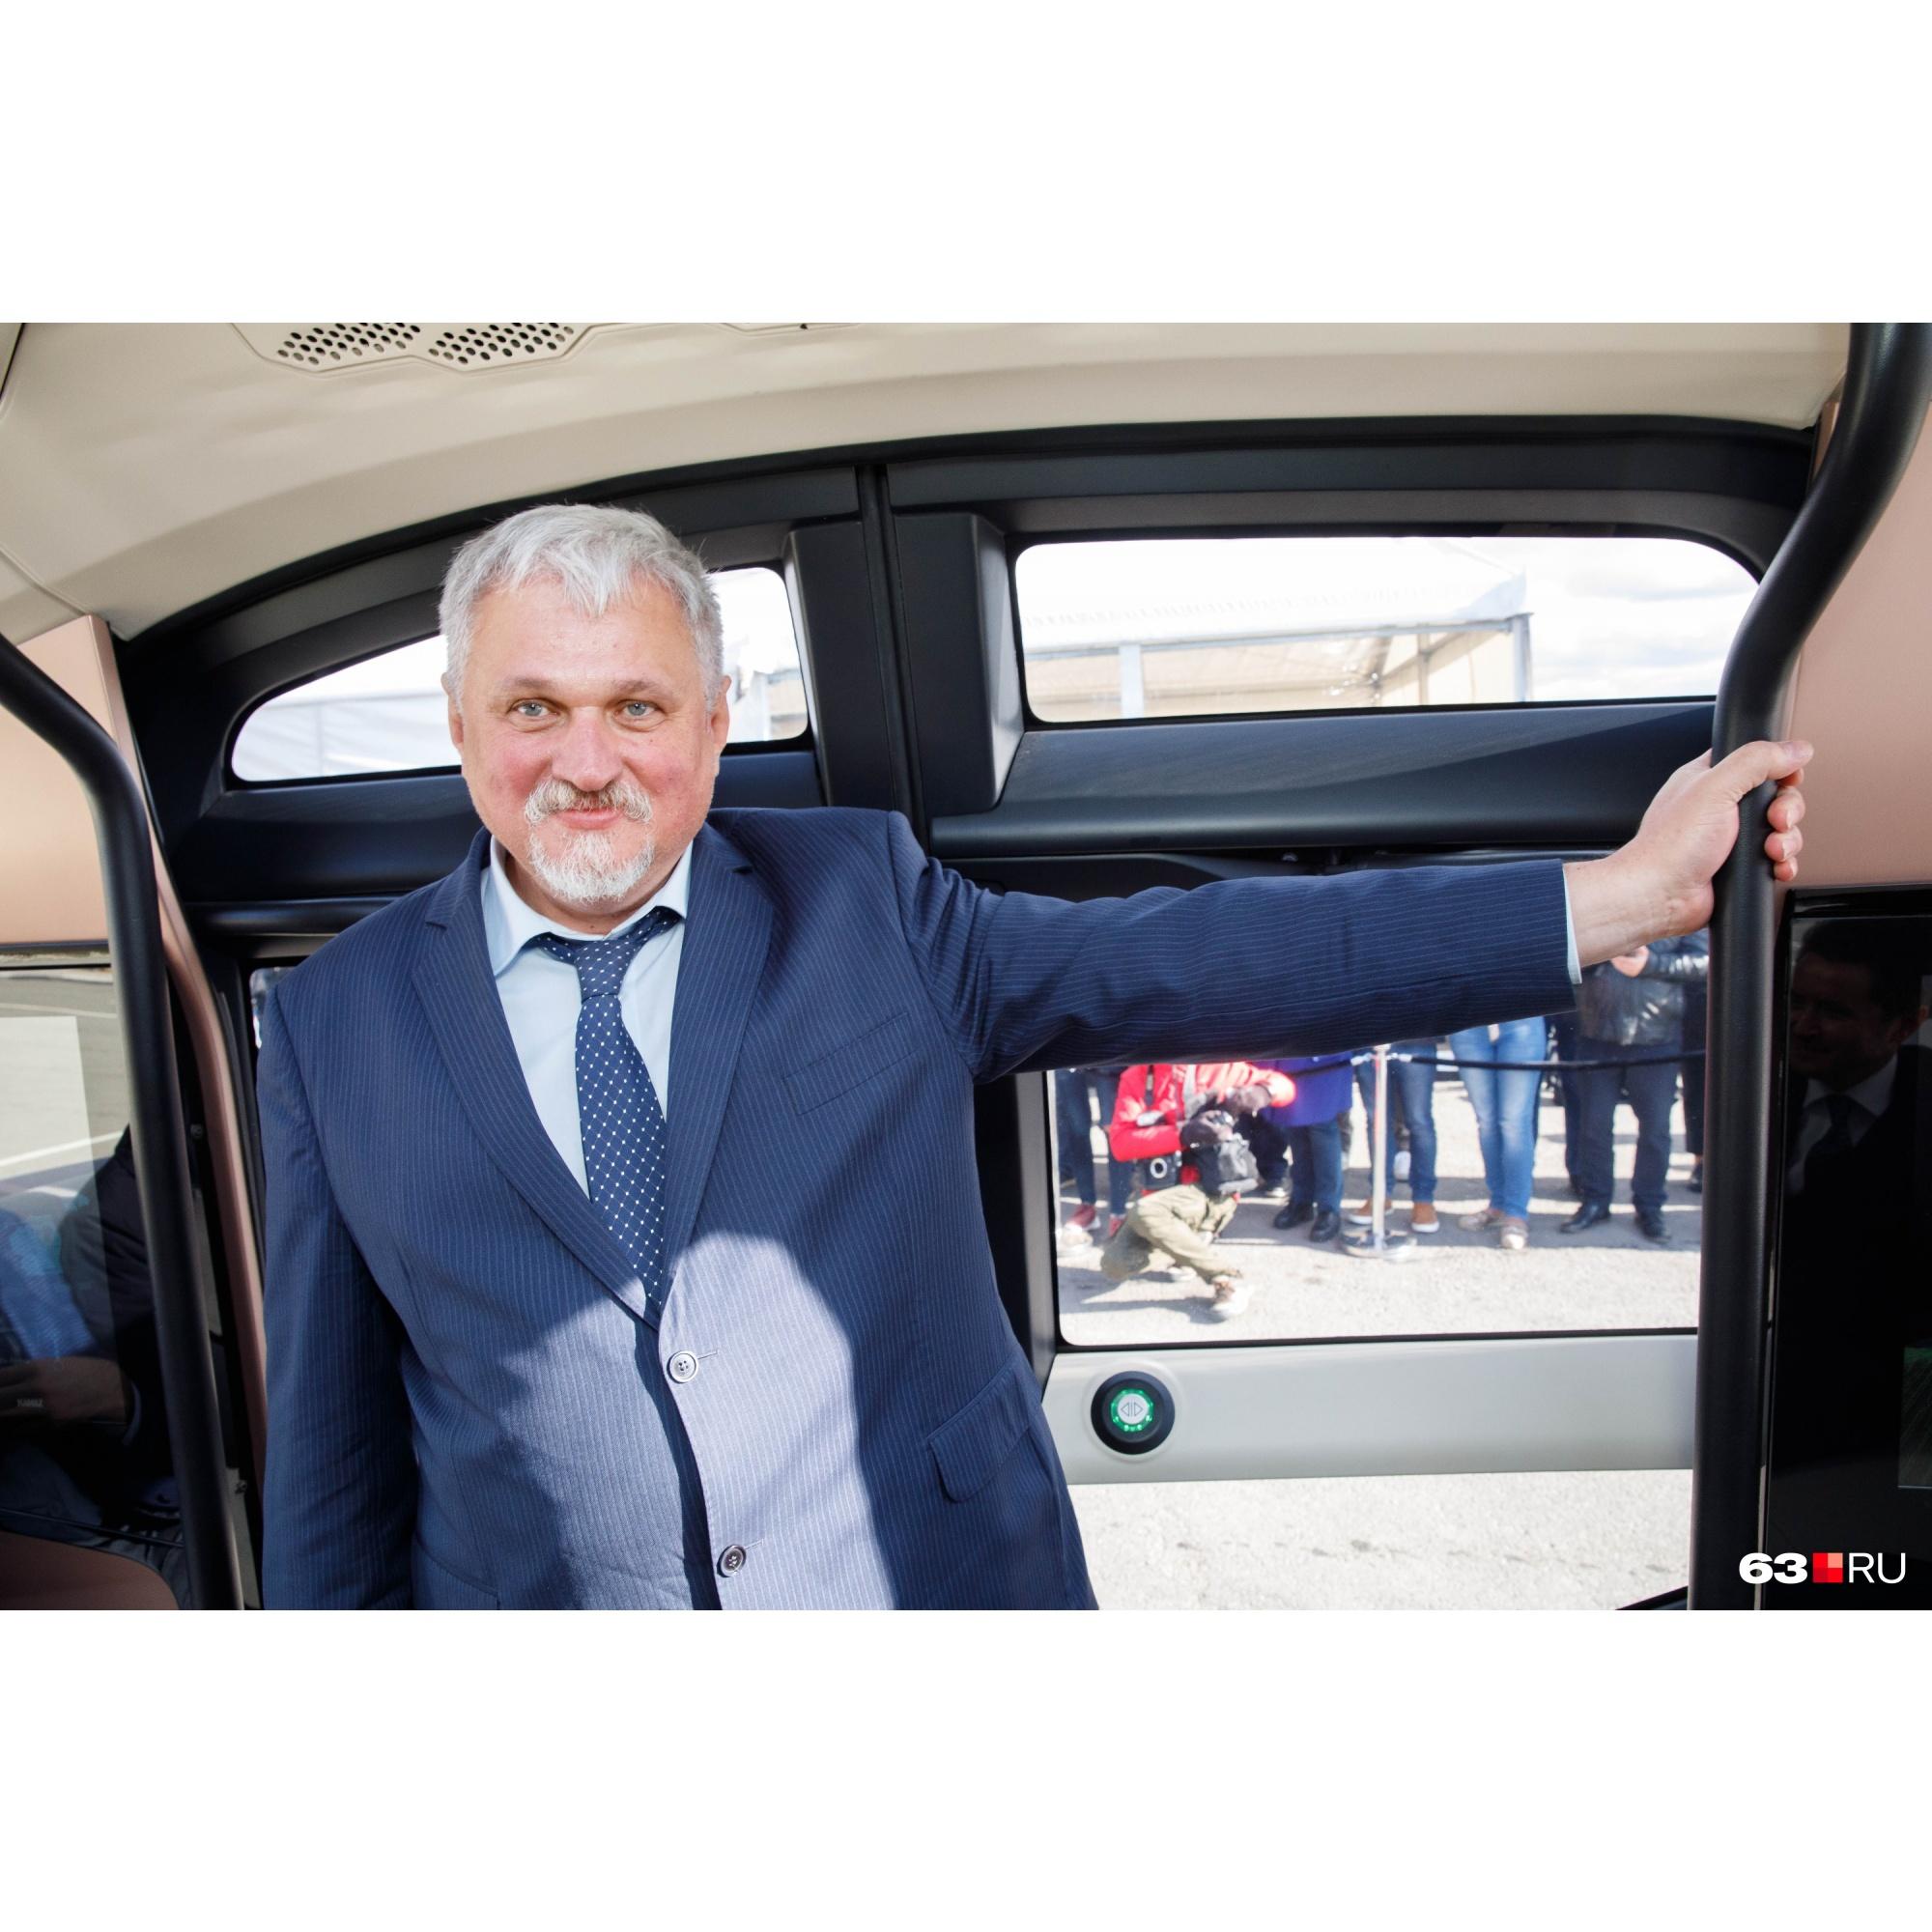 Алексей Гуськов считает, что ШАТЛ должен стоить примерно столько же, сколько за десять лет получает водитель, который тут не нужен. По нашим с ним прикидкам, выходит 5–7 миллионов рублей